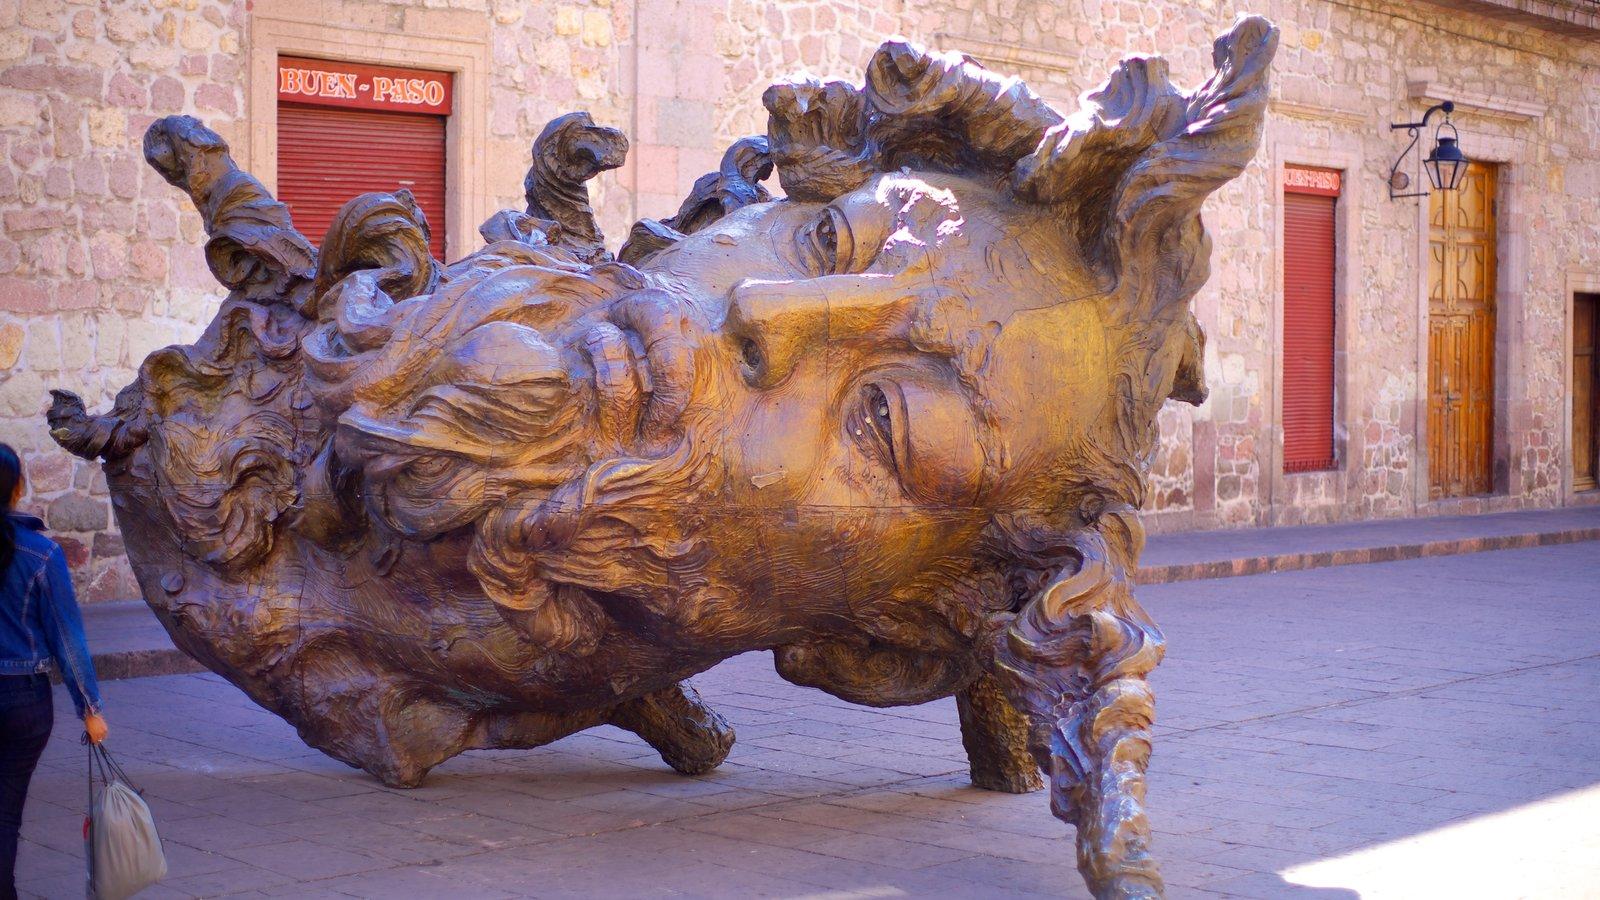 Morelia mostrando arte ao ar livre e uma estátua ou escultura